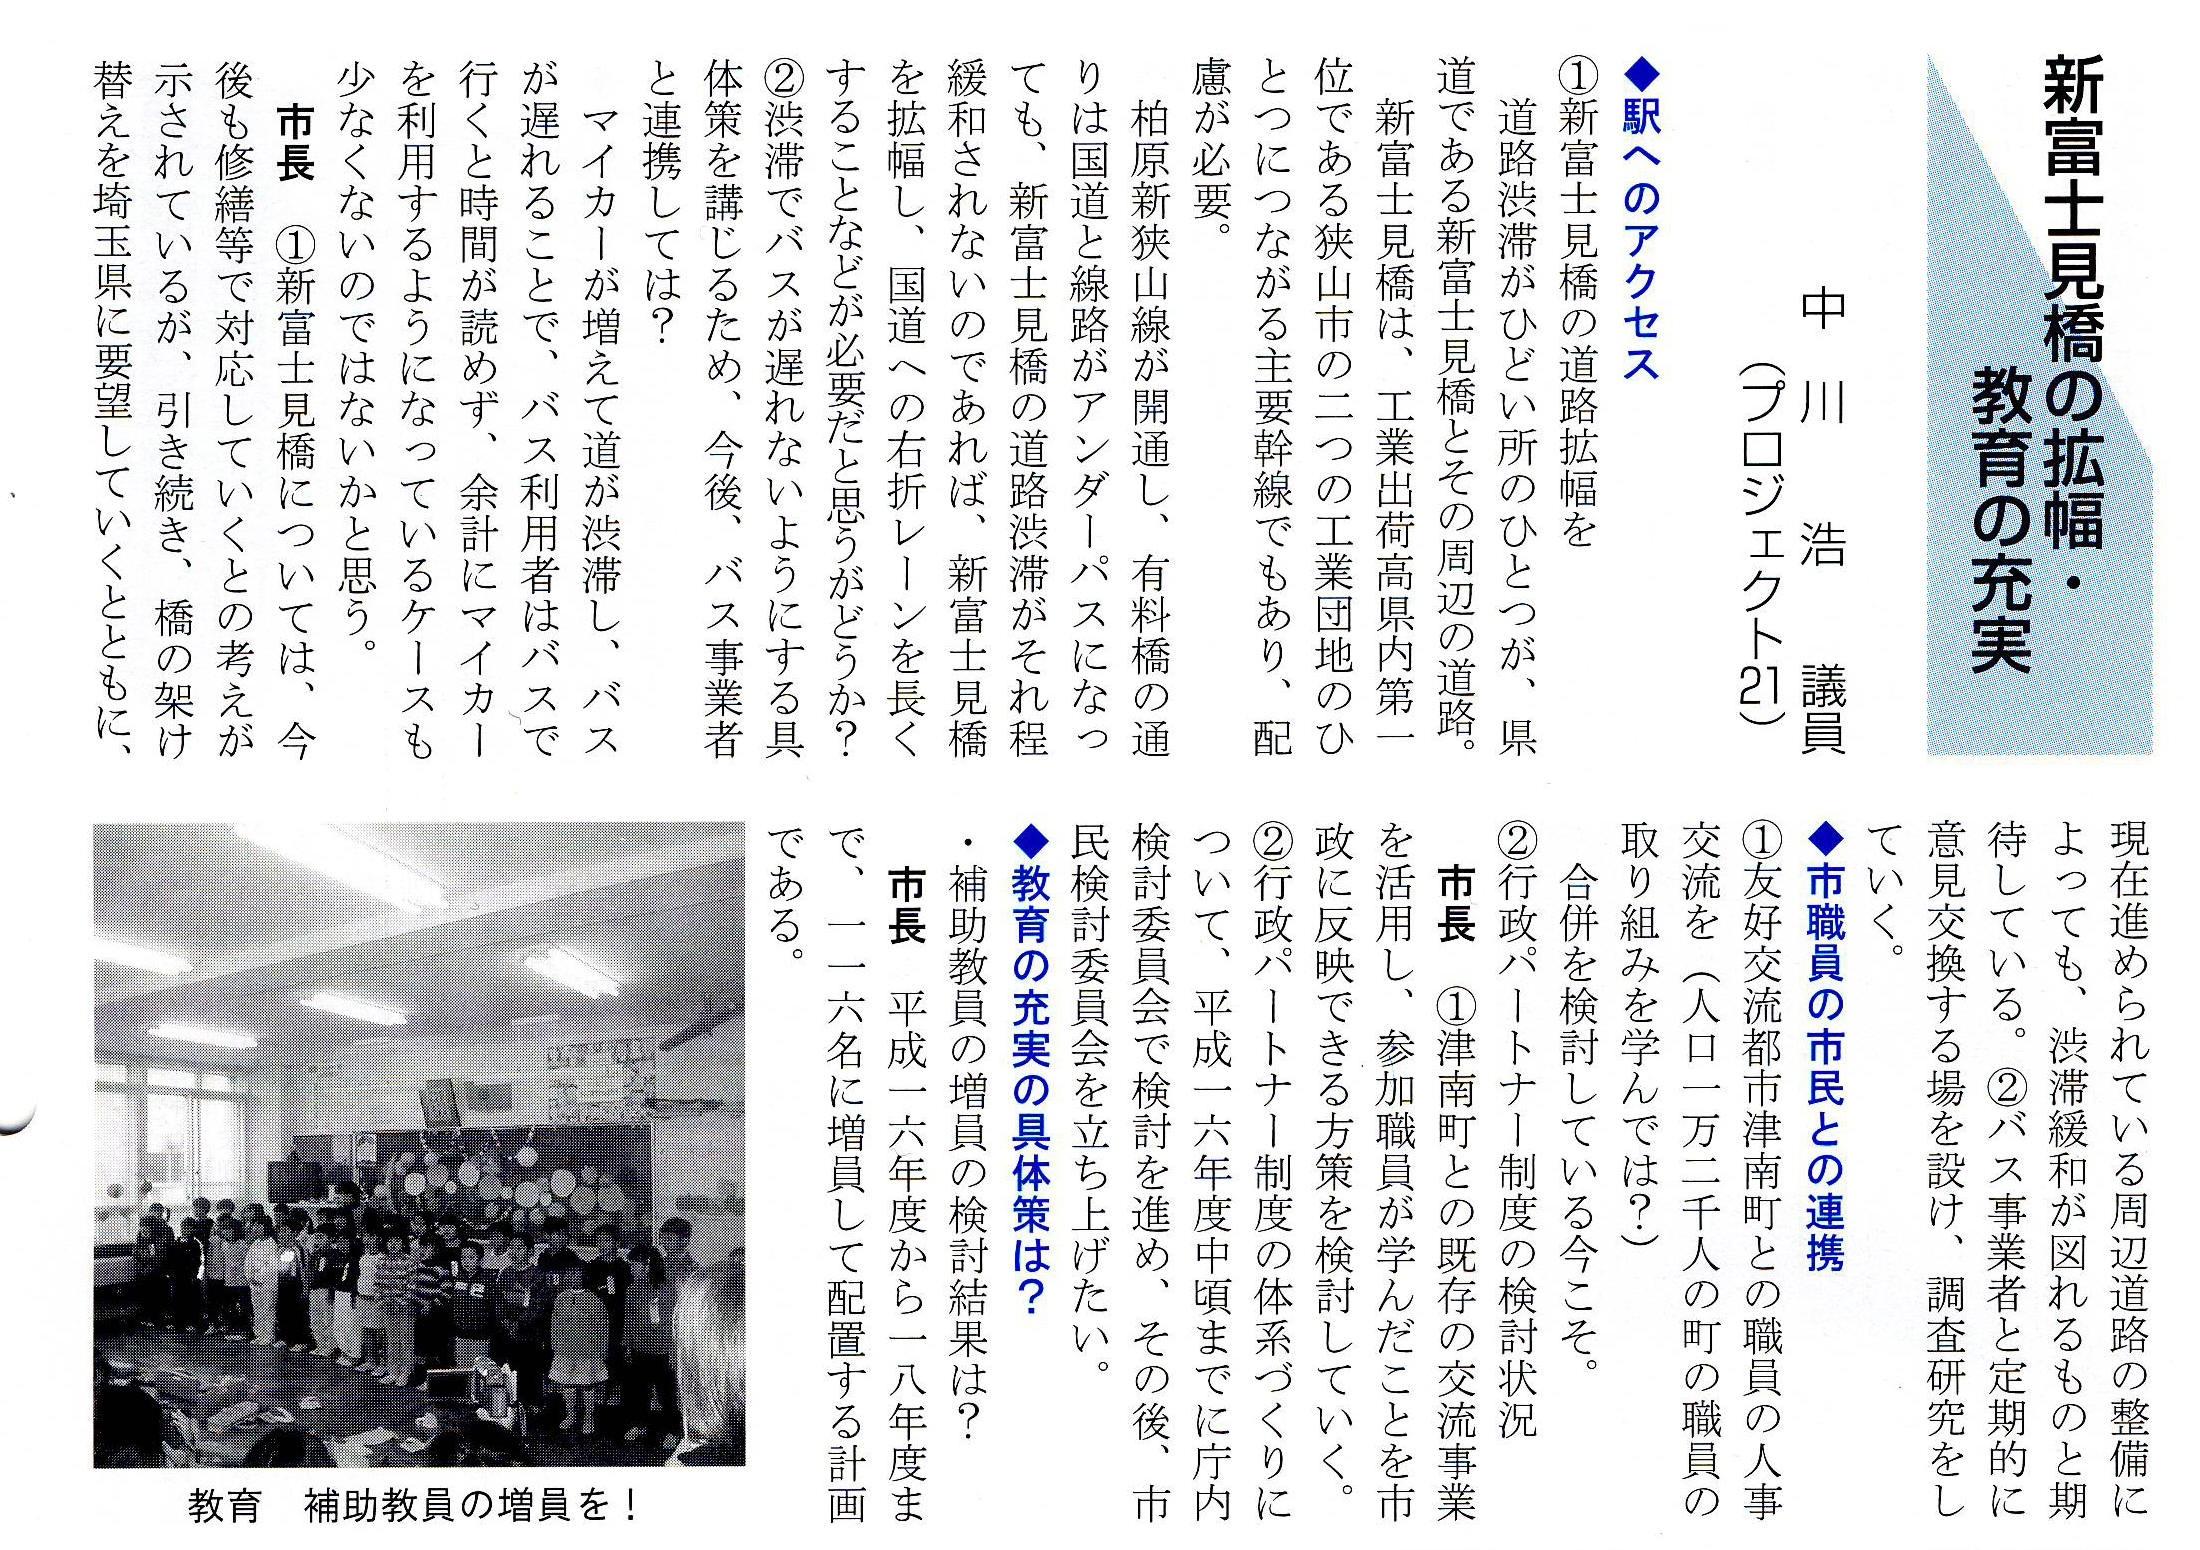 新富士見橋の拡幅・教育の充実